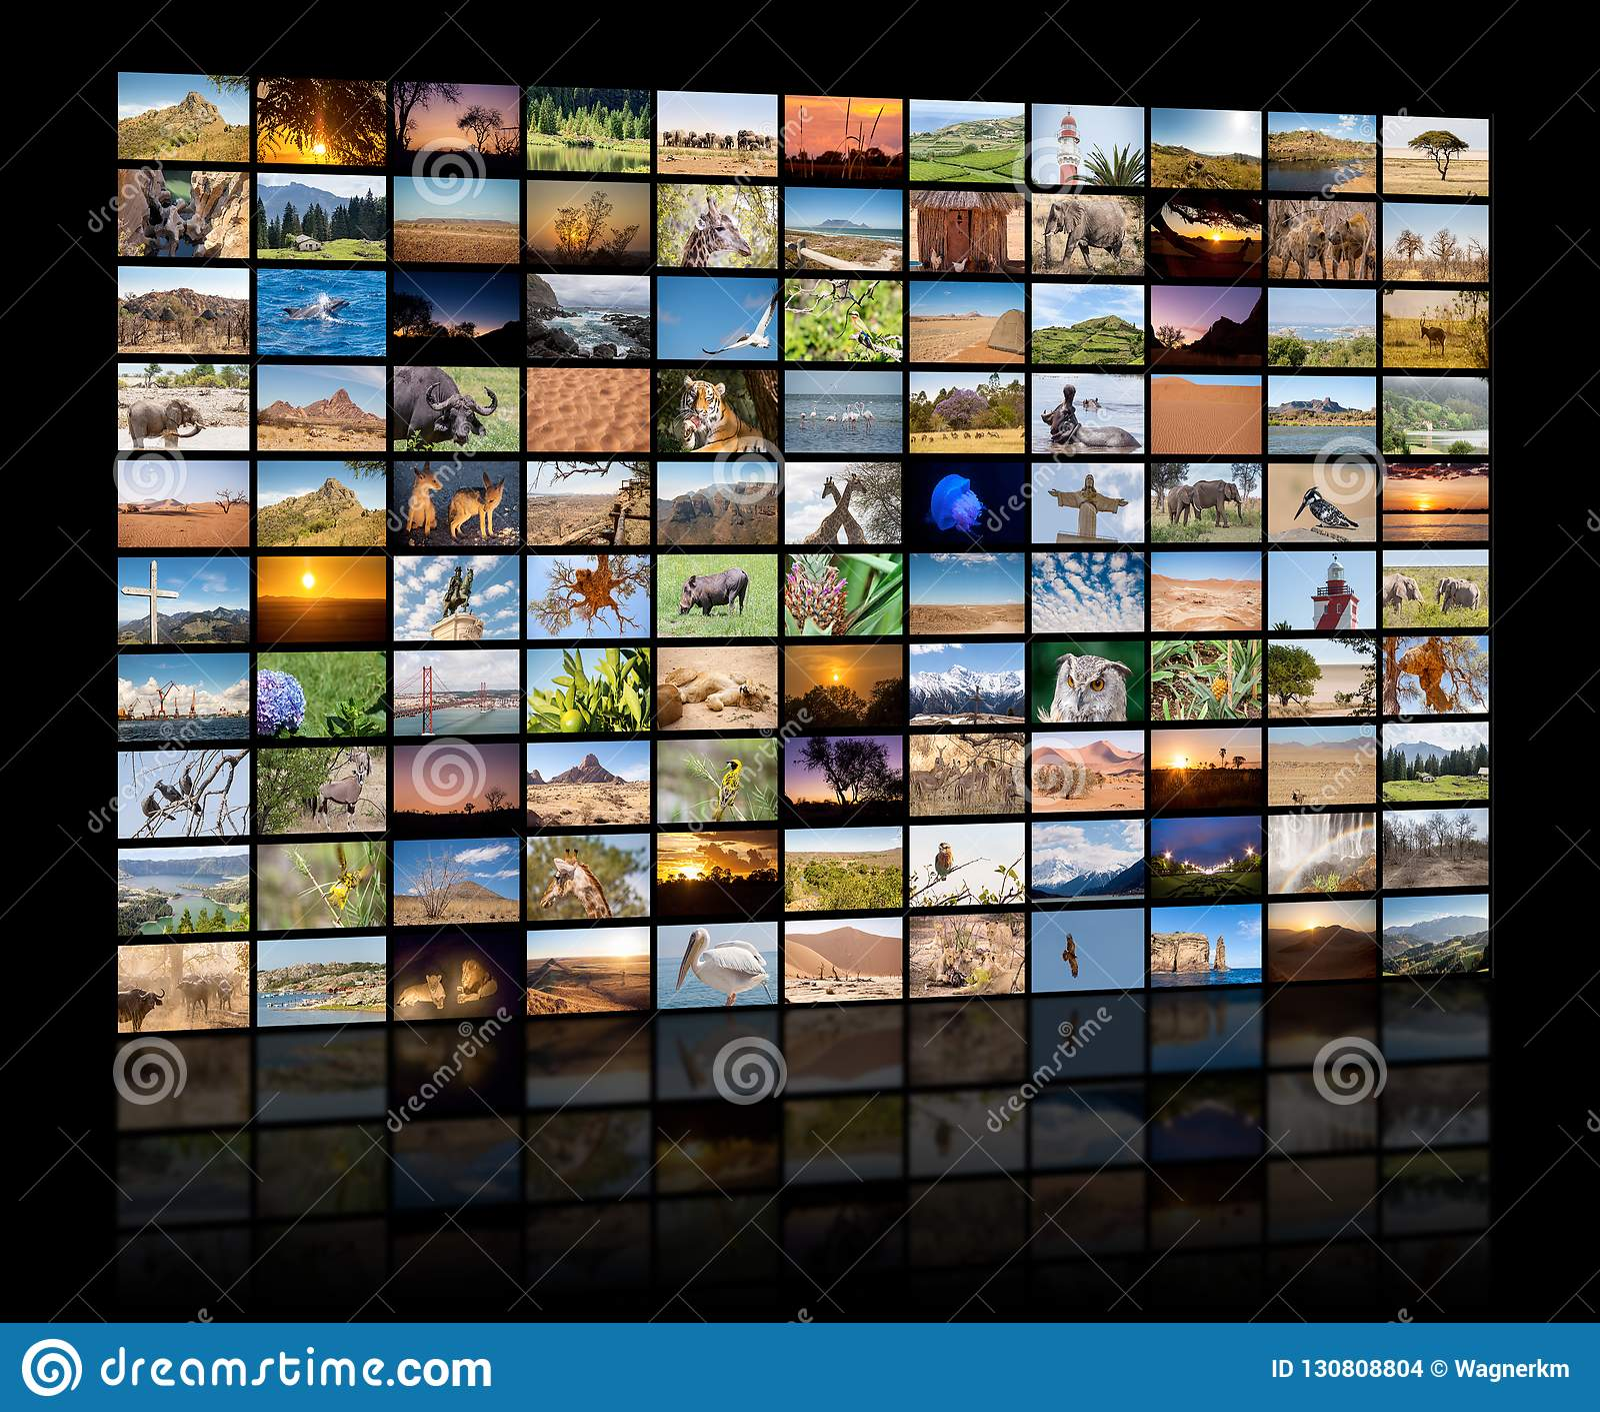 Una variedad de imágenes de los paisajes y de los animales como pared grande de la imagen, canal documental